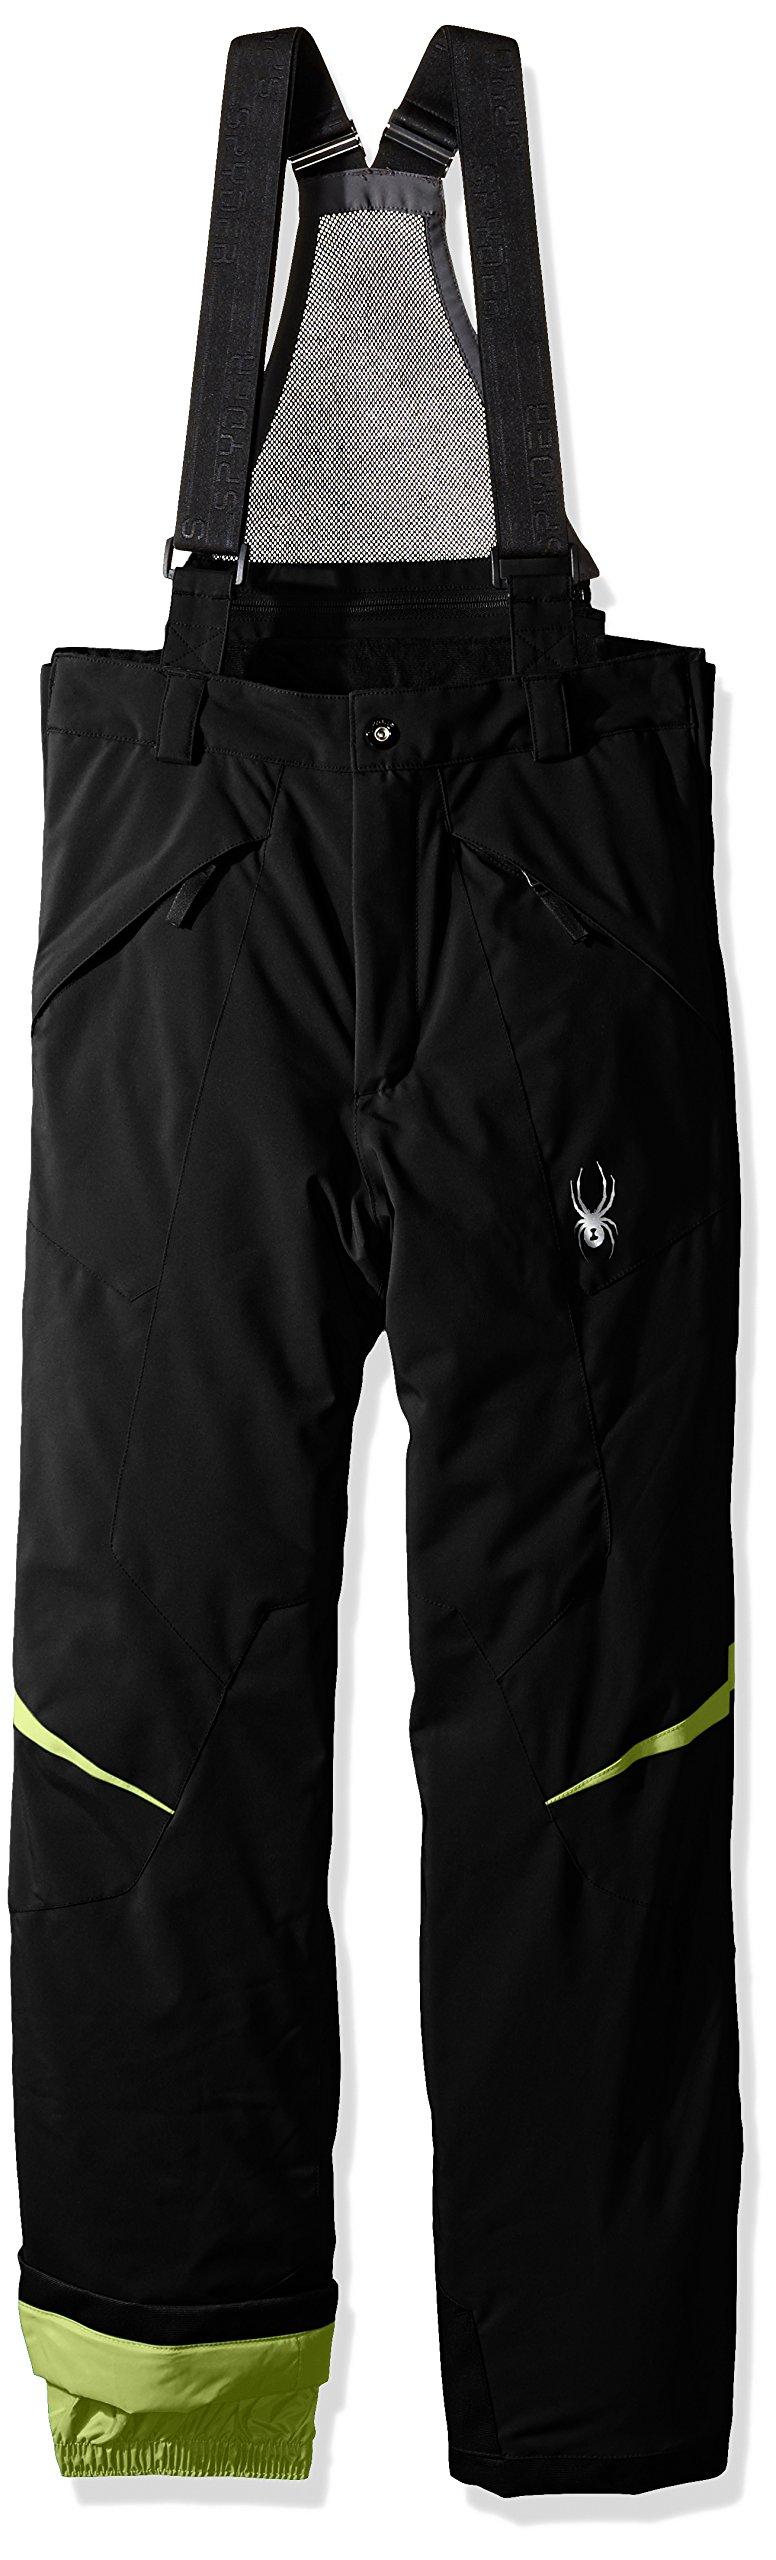 Spyder Boys Force Pants, Size 12, Black/Bryte Green